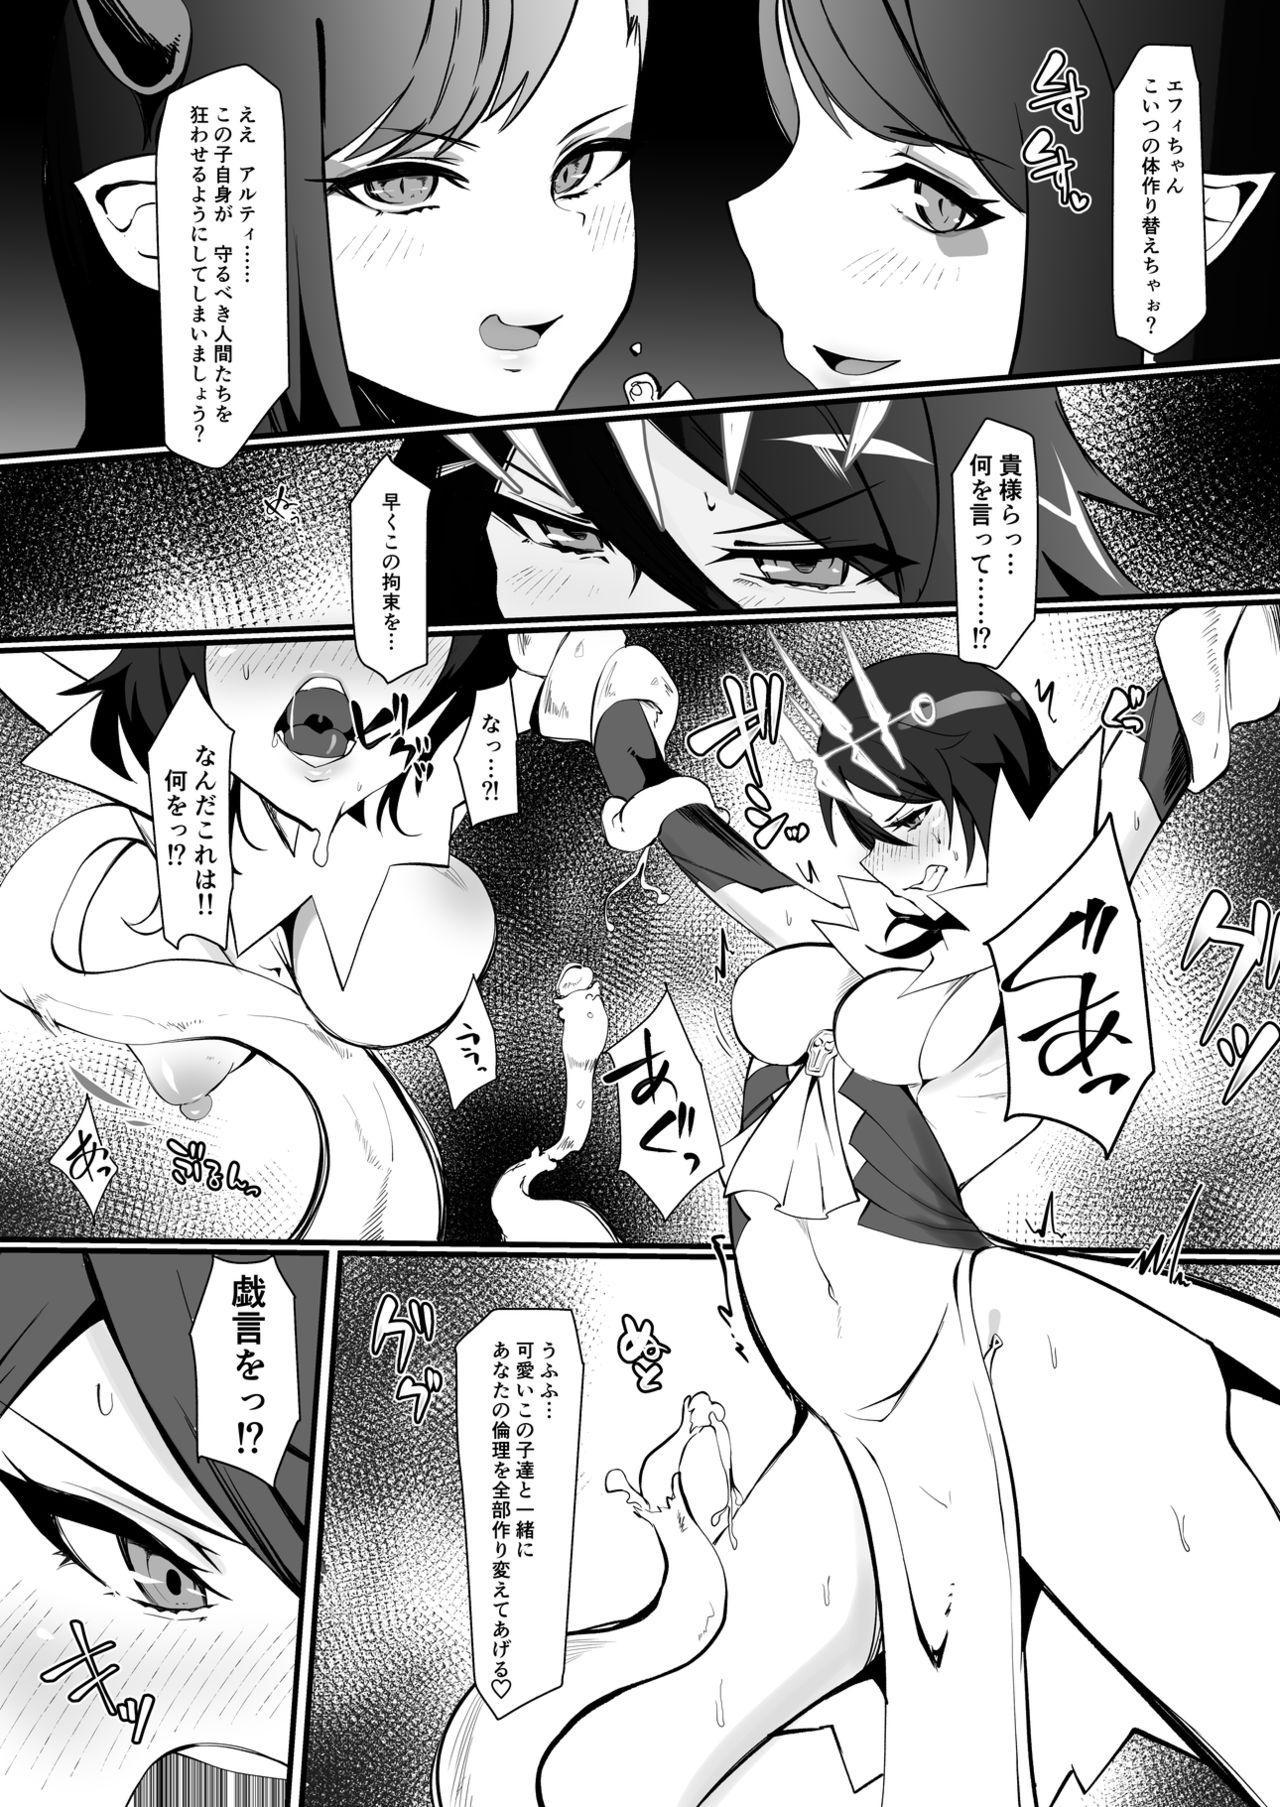 Futanari Mahou Shoujo k - Akumu no Futago 4